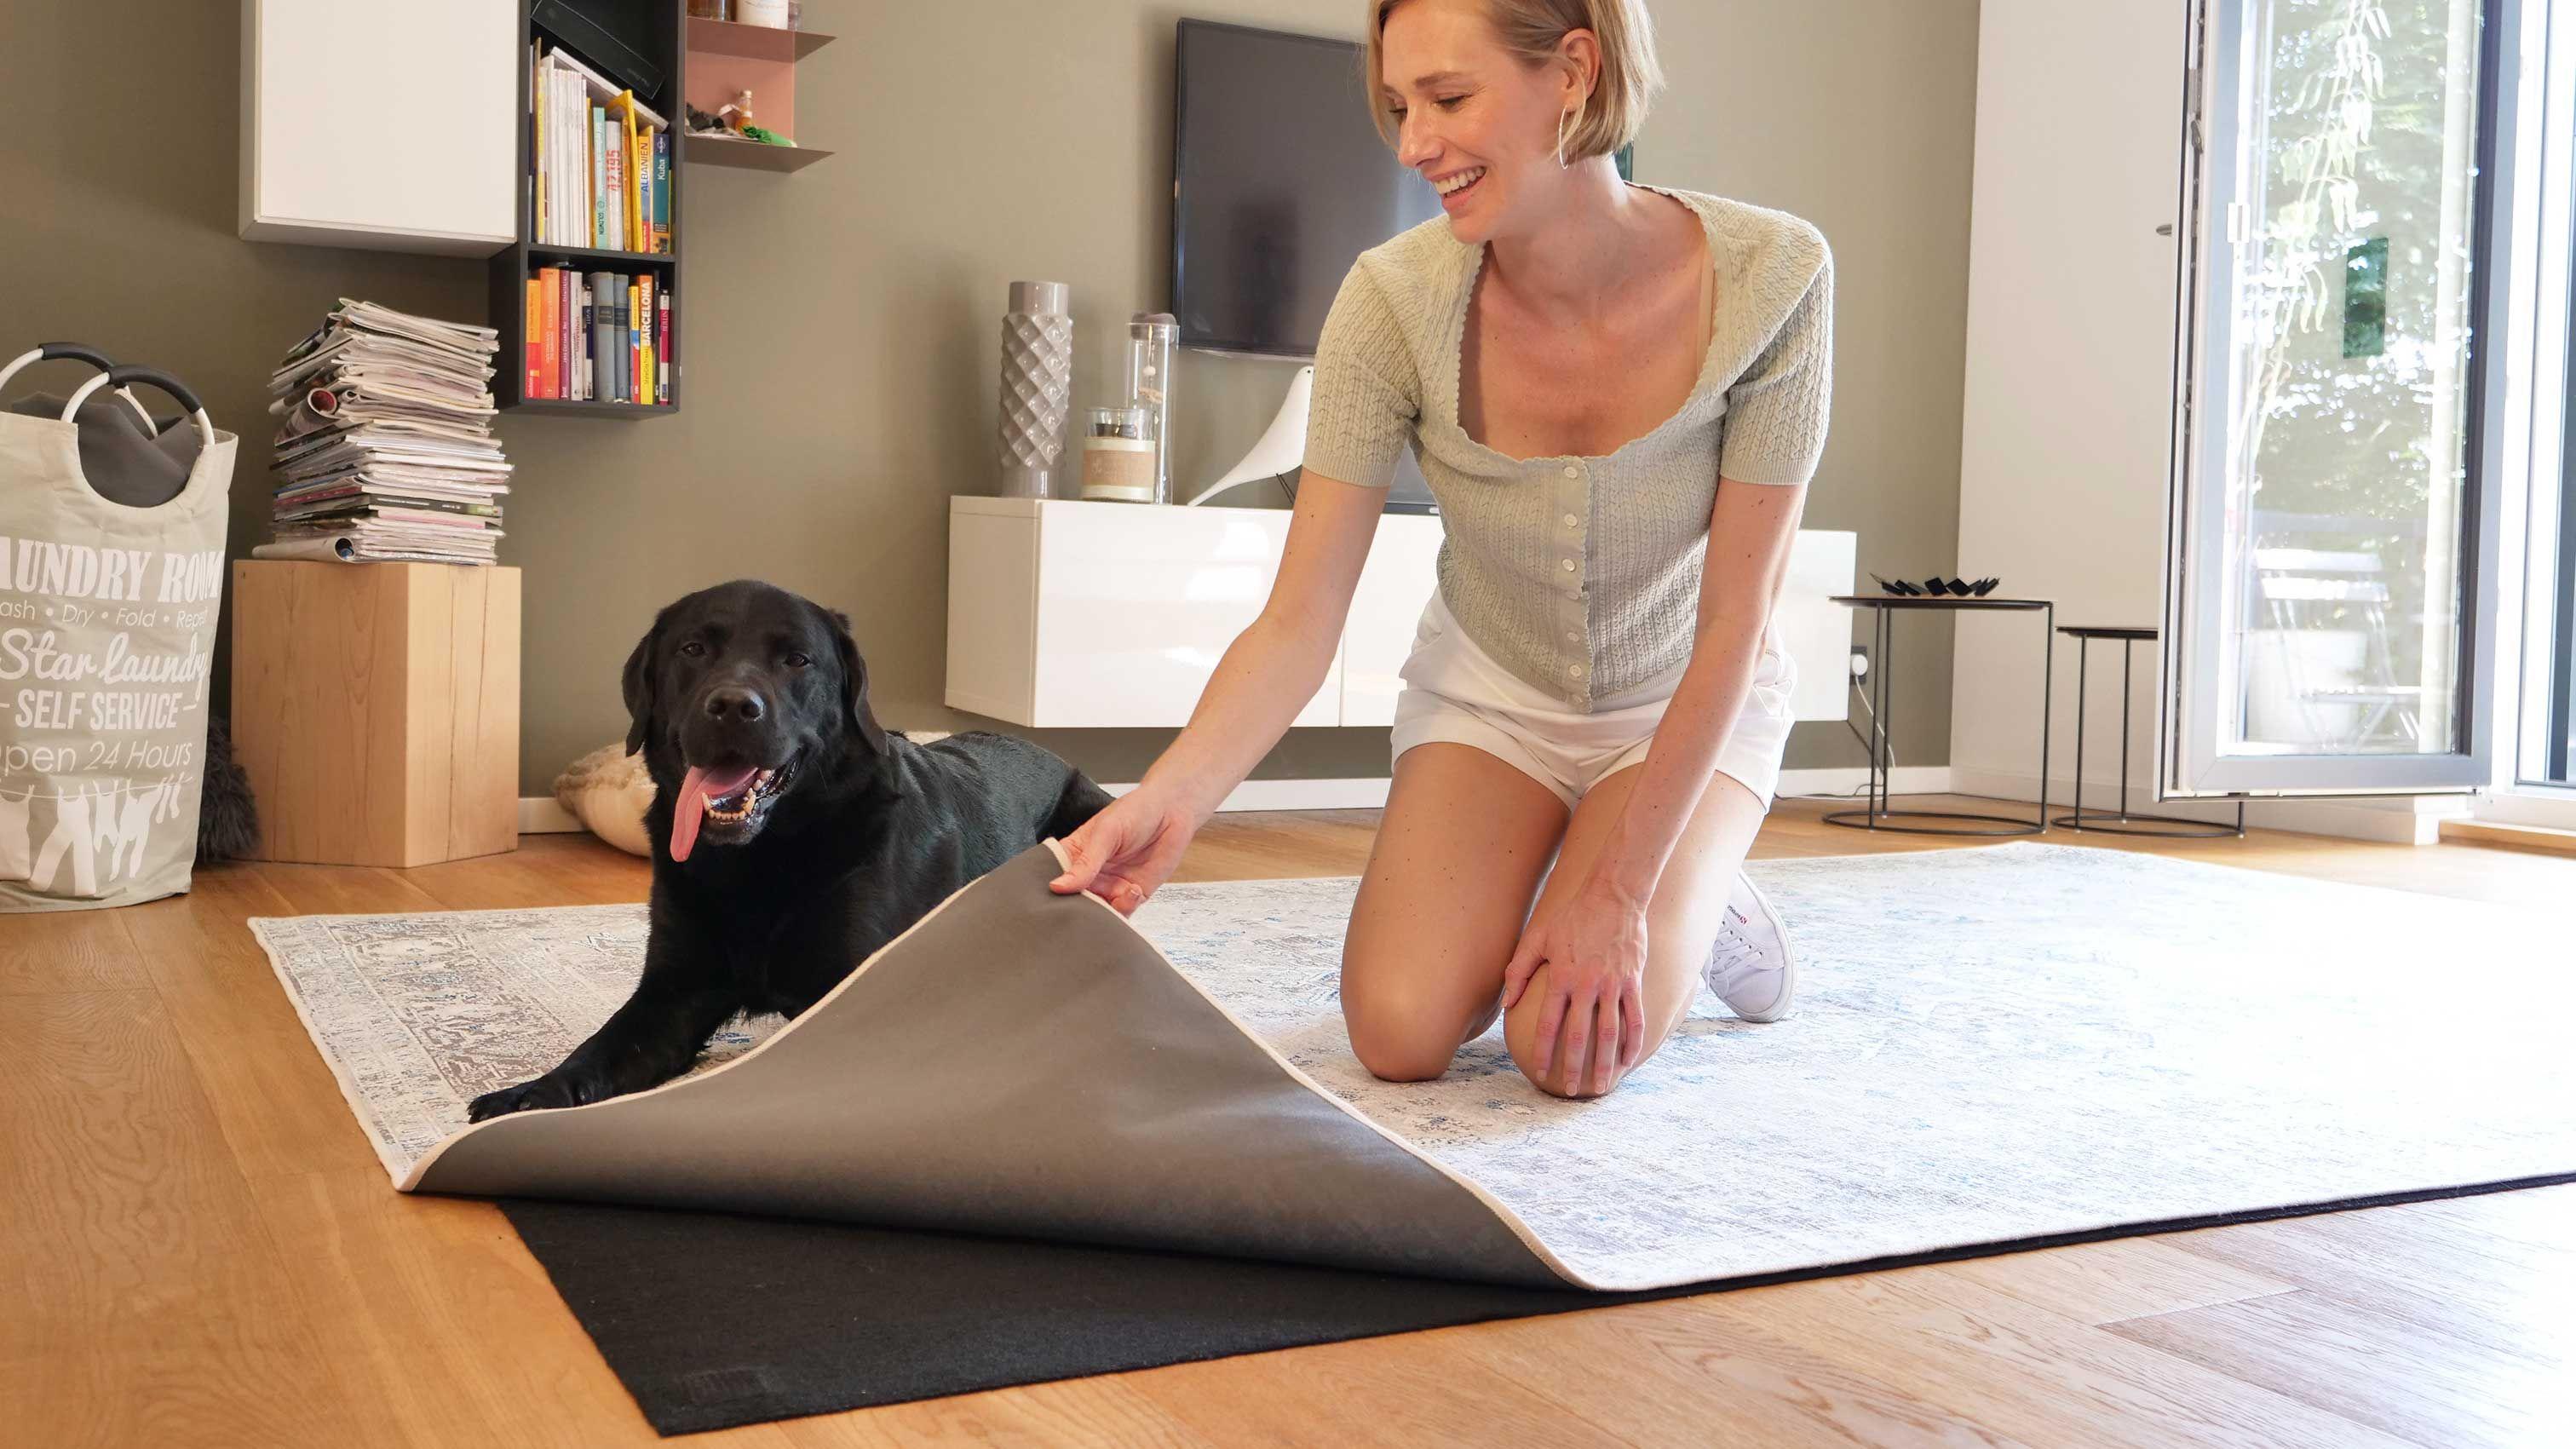 Seine Leuchtenden Farbe überzeugen Auf Den Ersten Blick Der Uno Taupe Teppich überzeugt Durch Vielfältige Verwendbarkei In 2021 Teppich Waschbar Teppich Teppich Beige